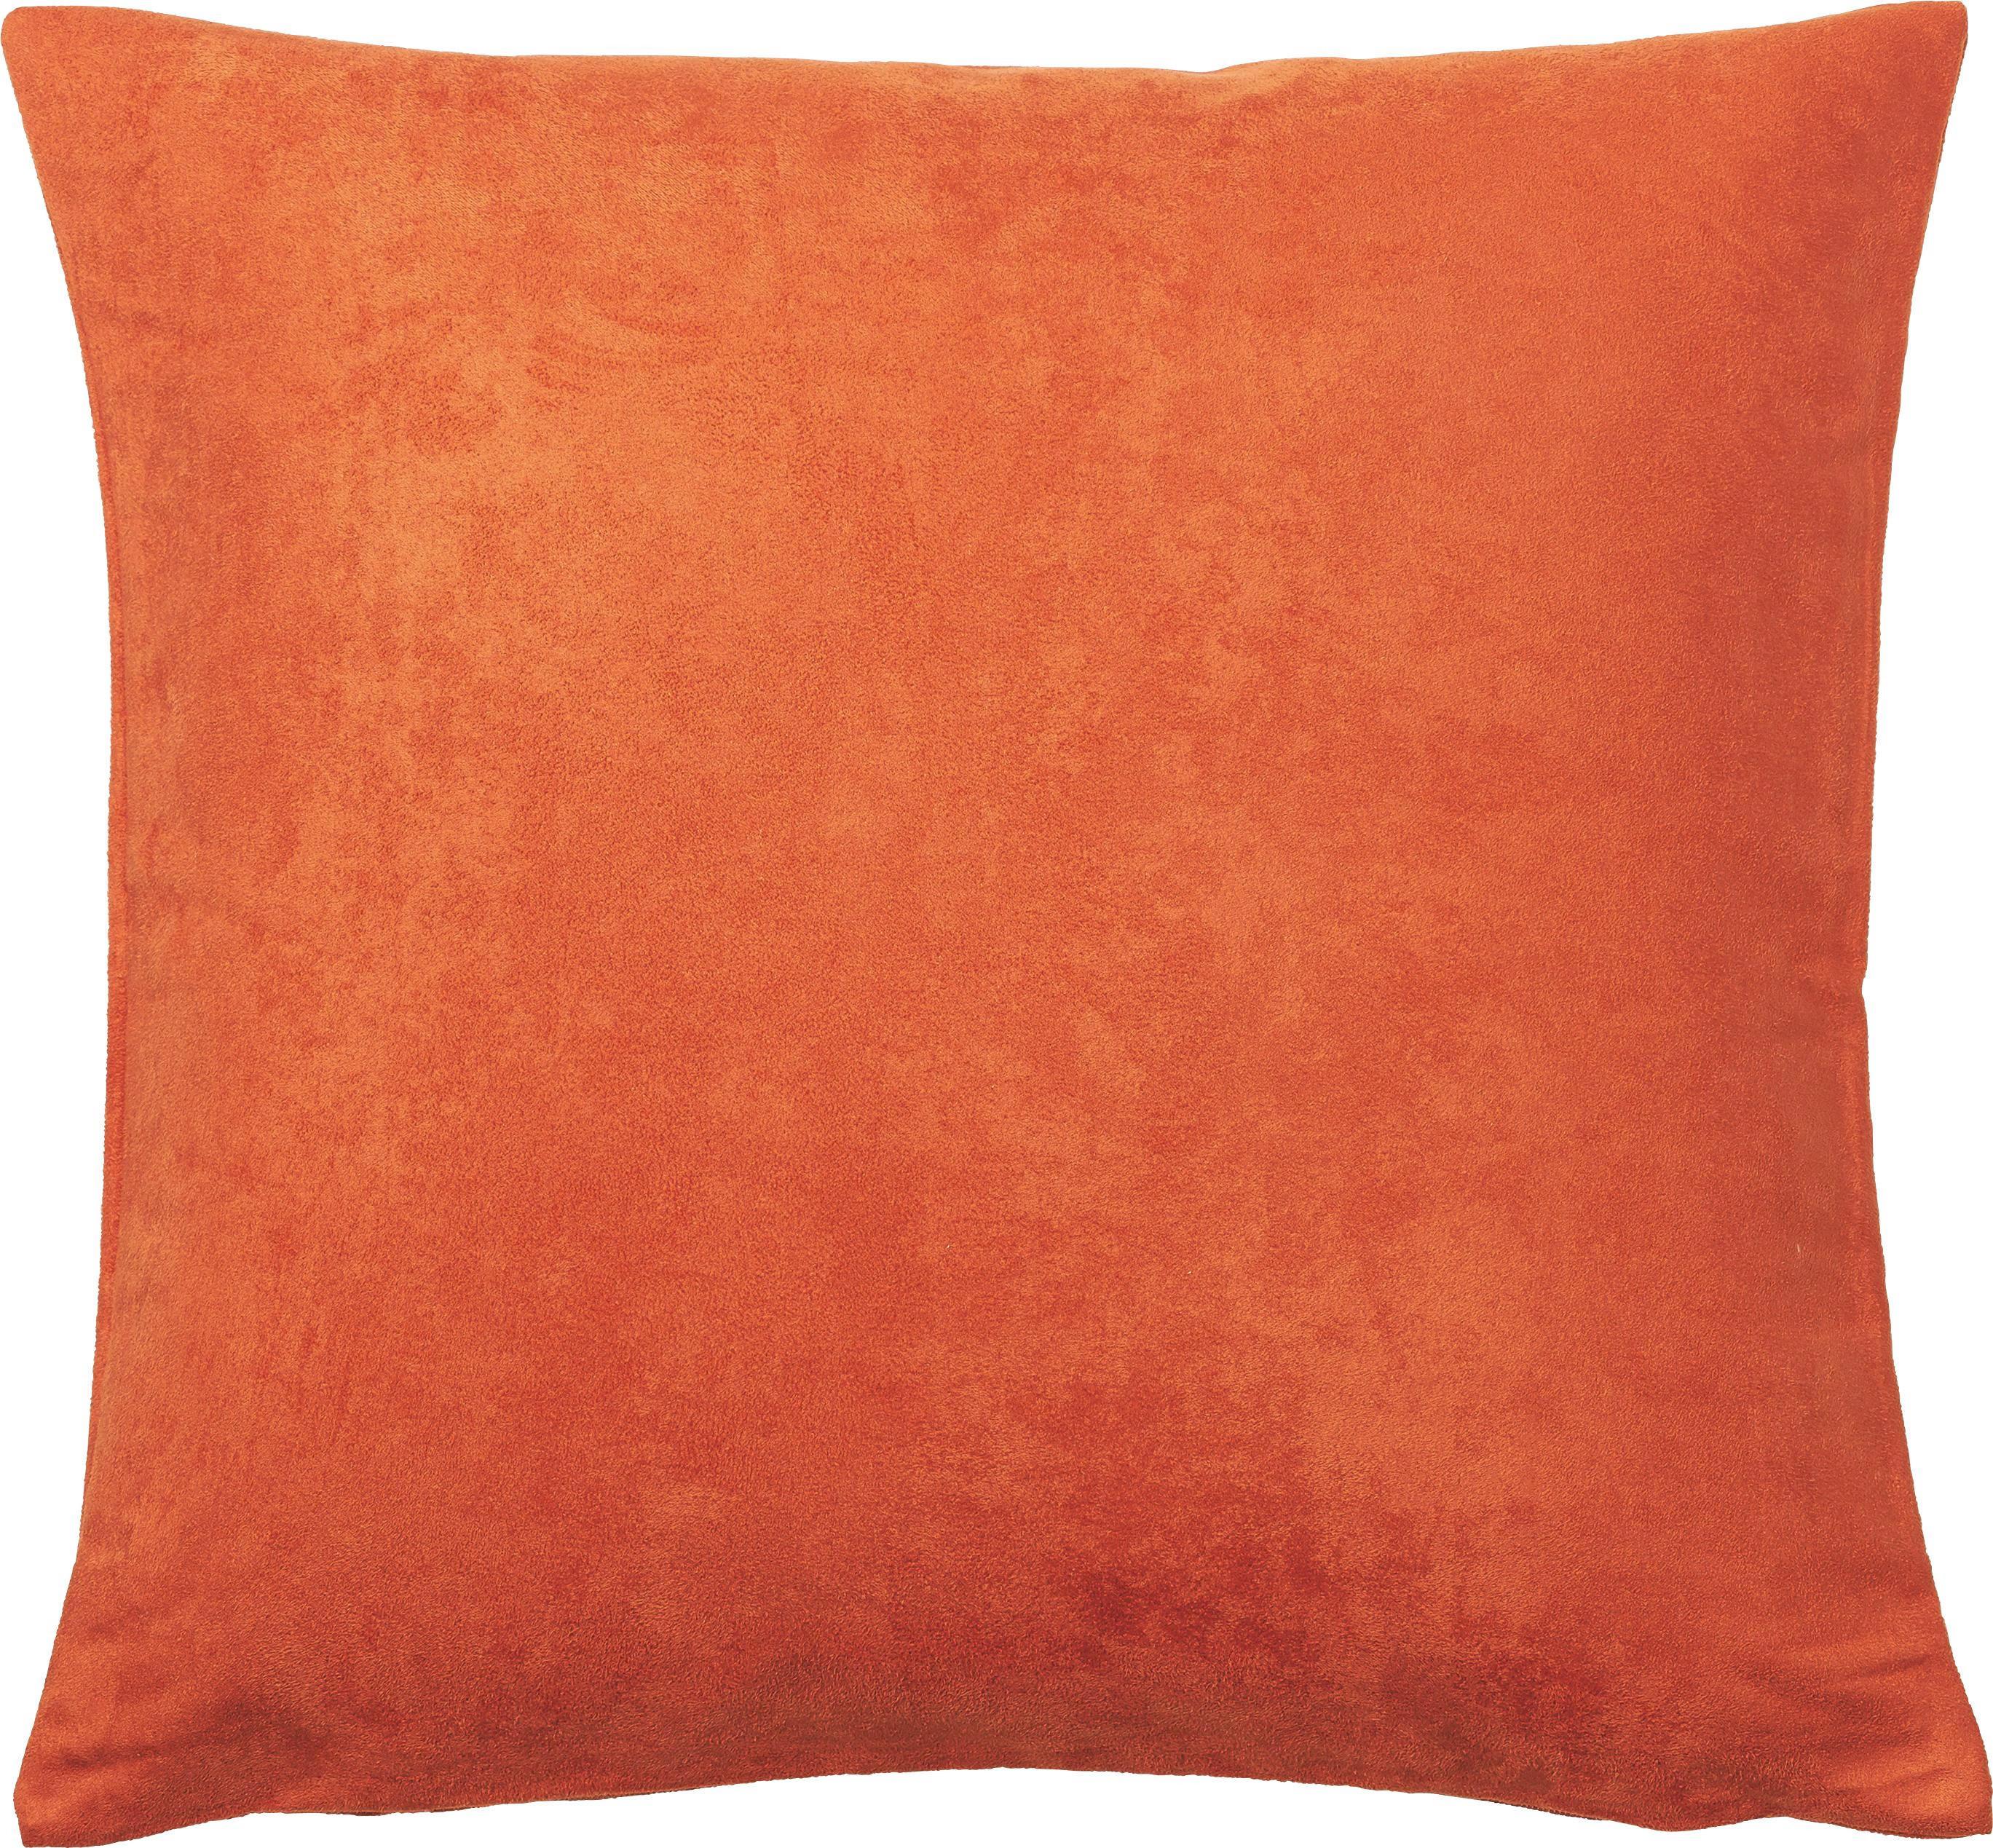 KISSENHÜLLE 50/50 cm - Orange, Basics, Textil (50/50cm) - NOVEL